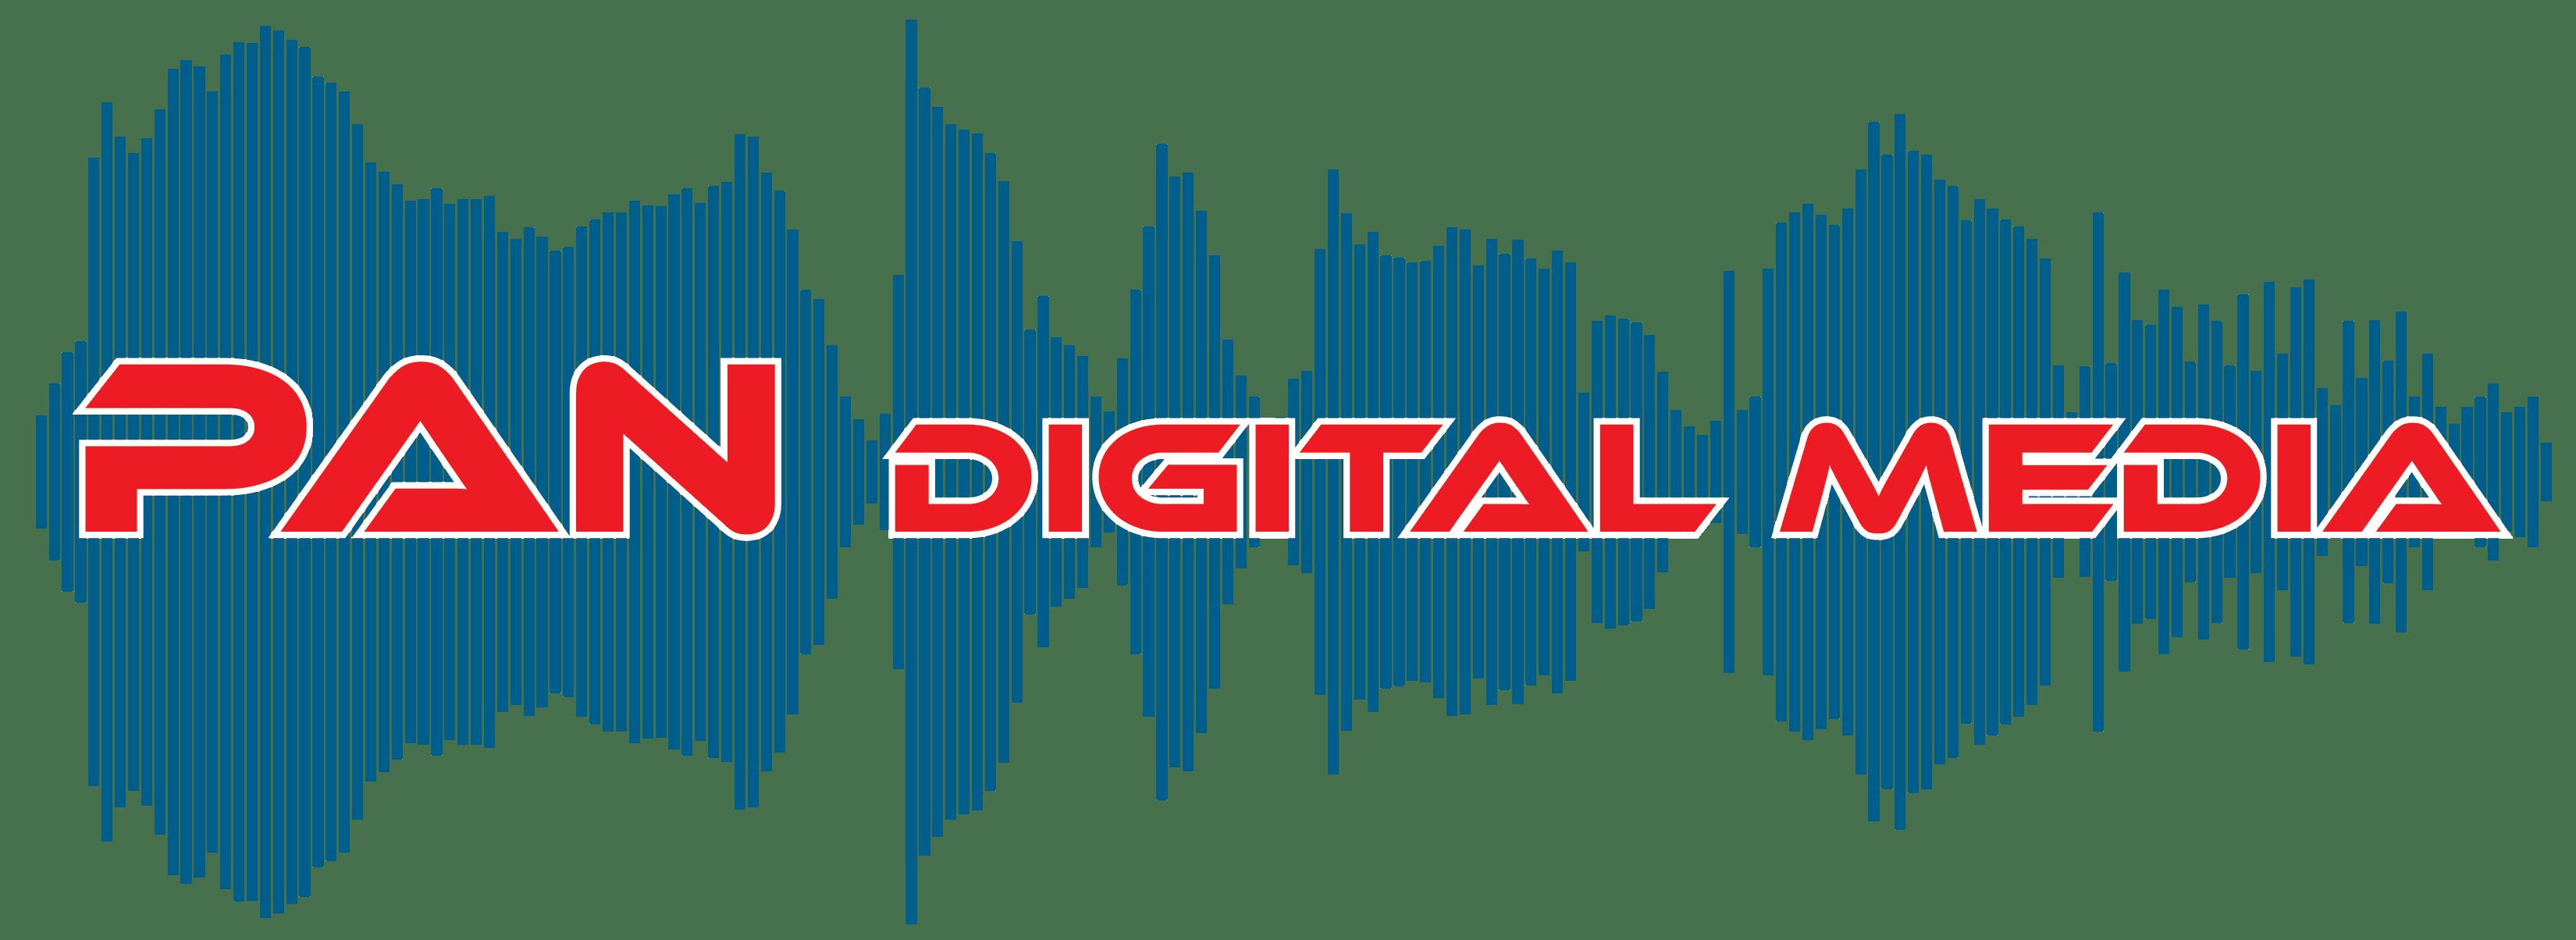 PAN Digital Media